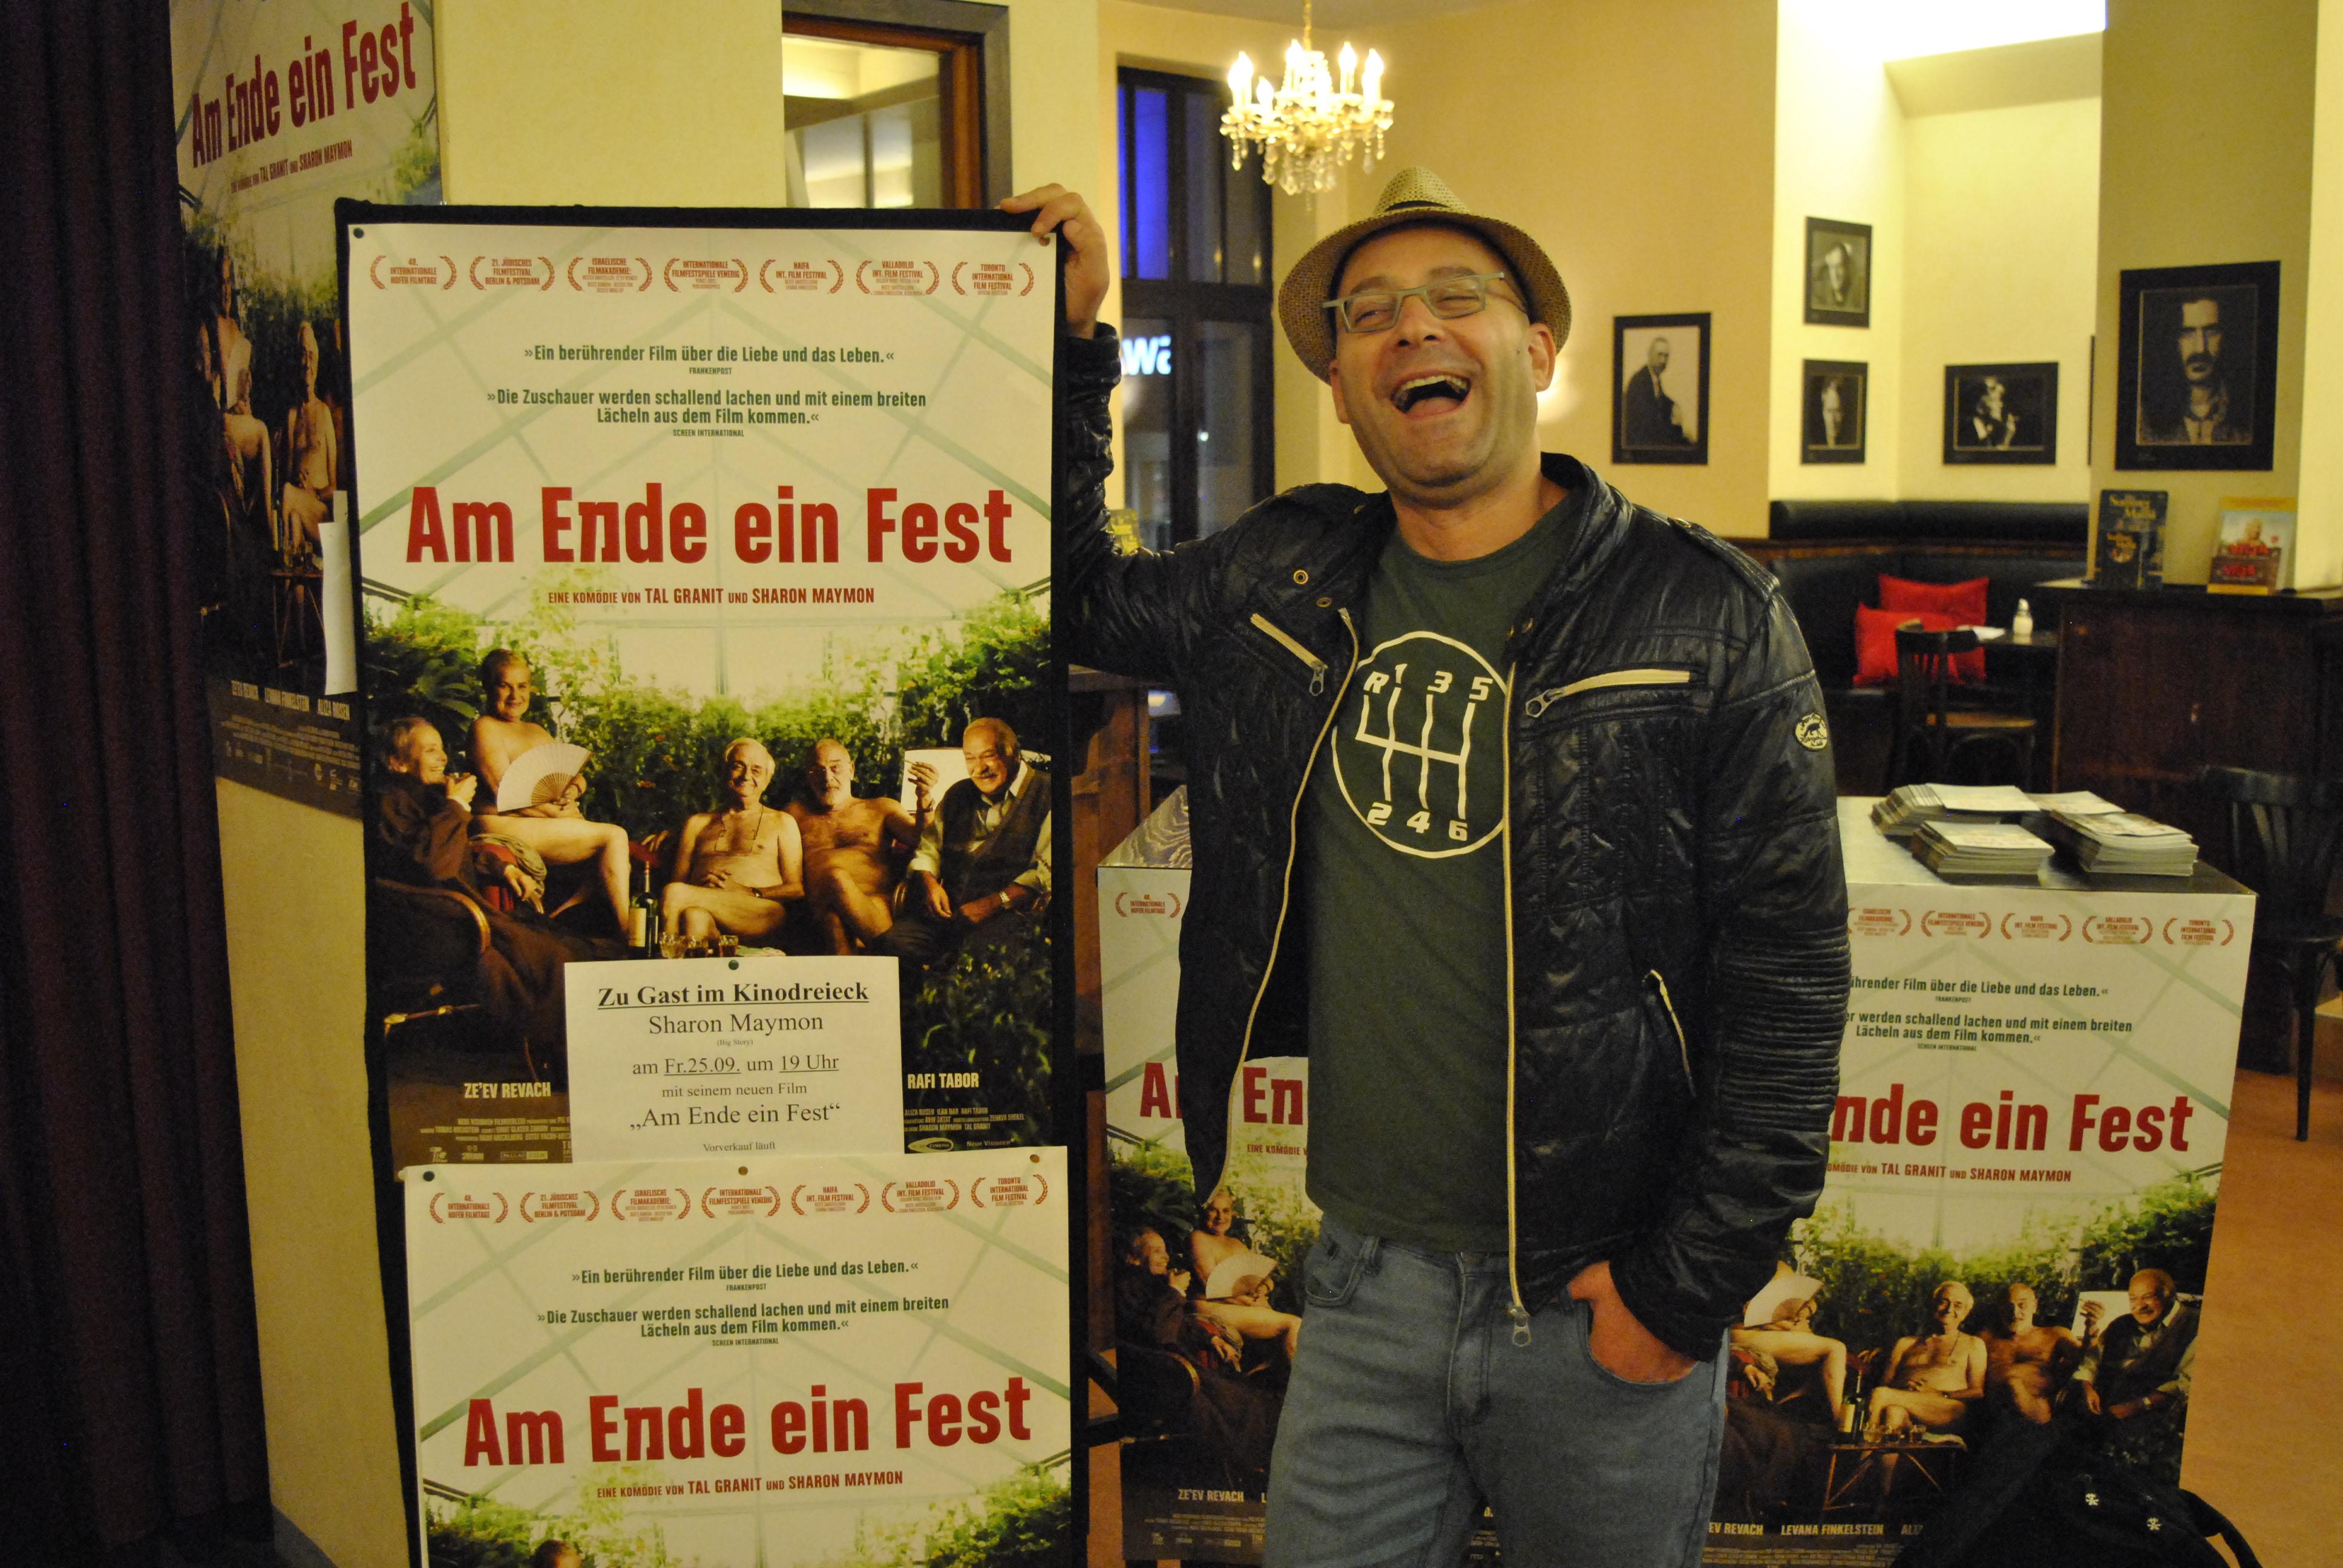 Zu Gast: Regisseur Sharon Maymon - AM ENDE EIN FEST